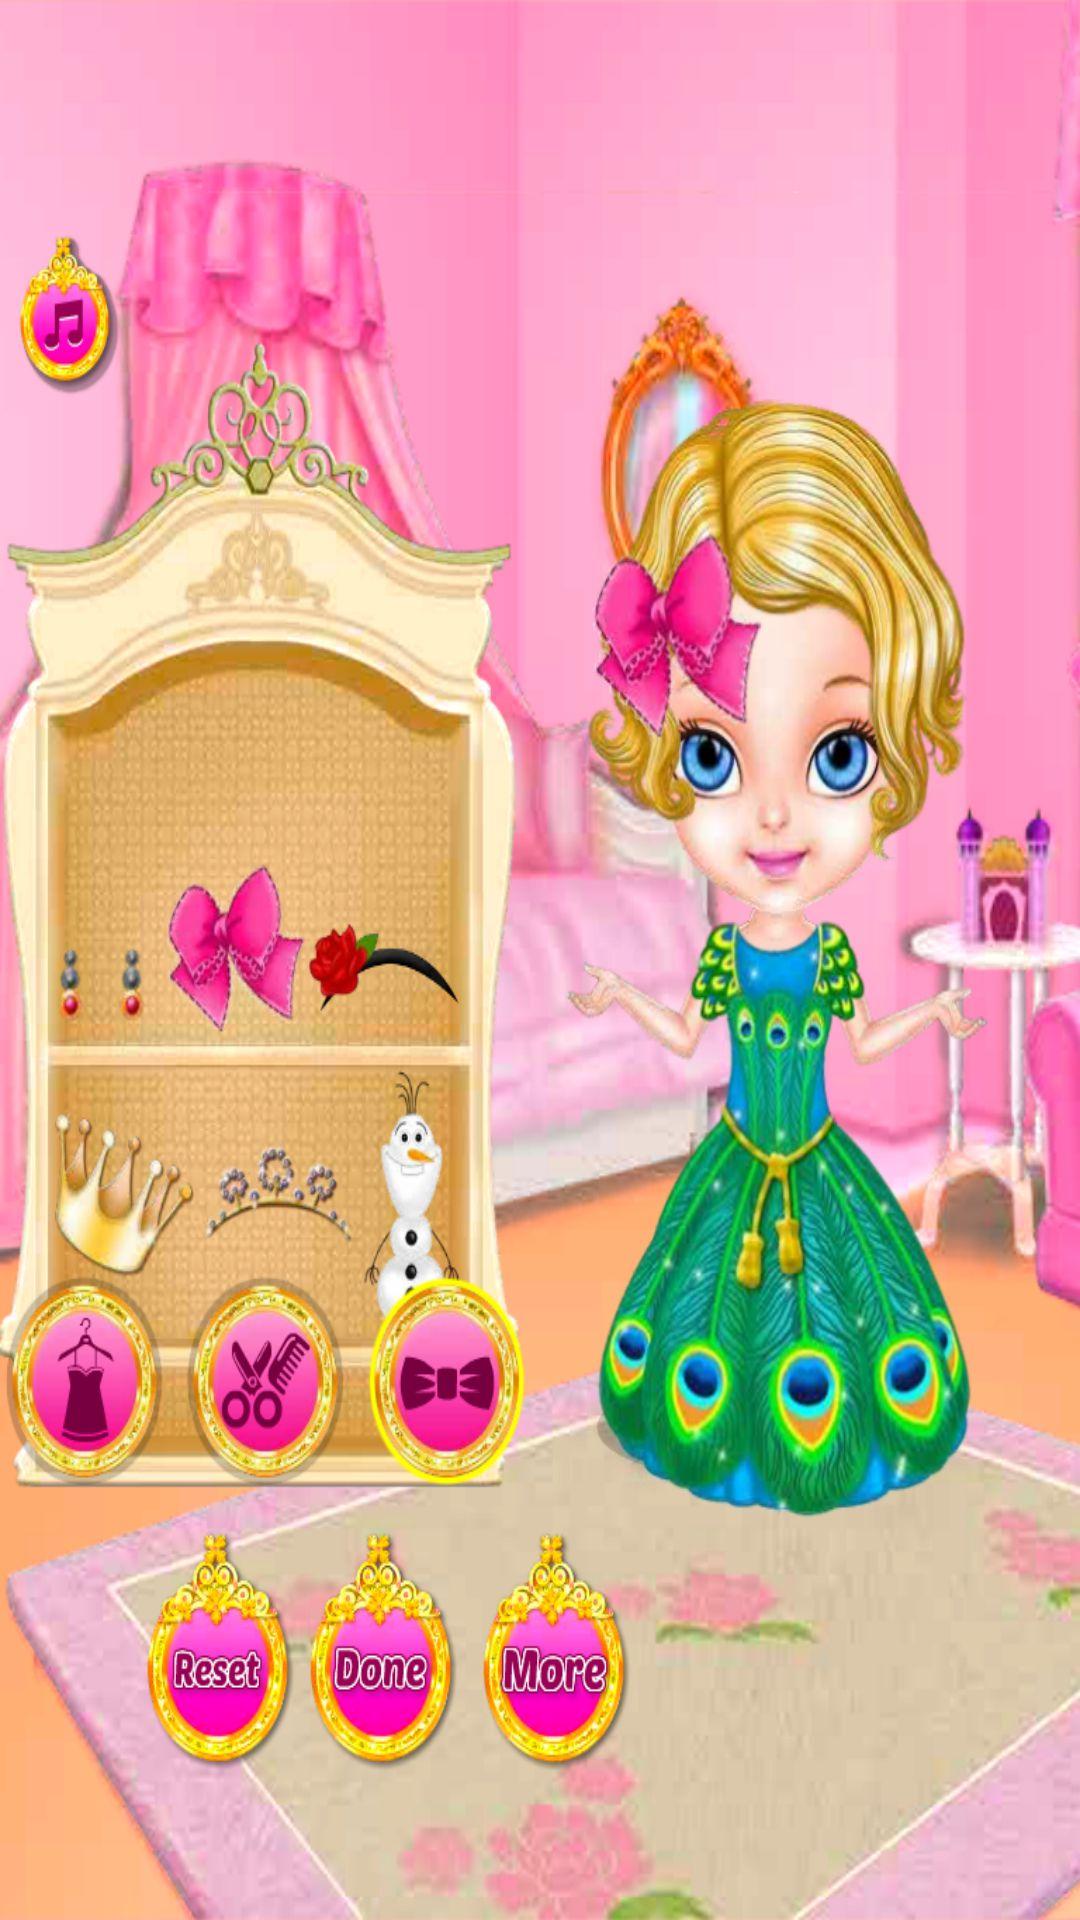 芭比宝贝时尚公主